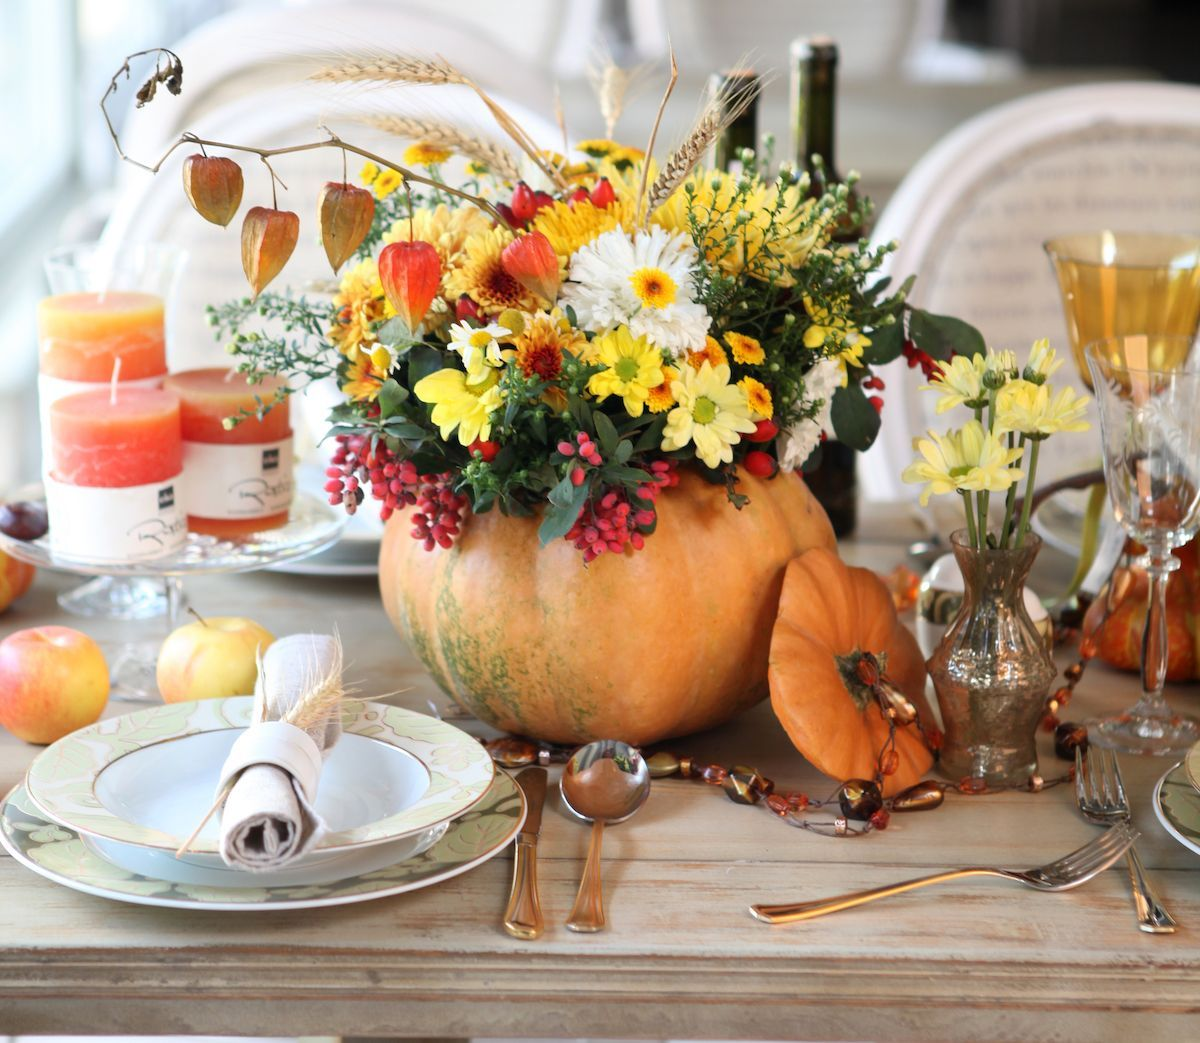 Floral arrangement in a pumpkin.